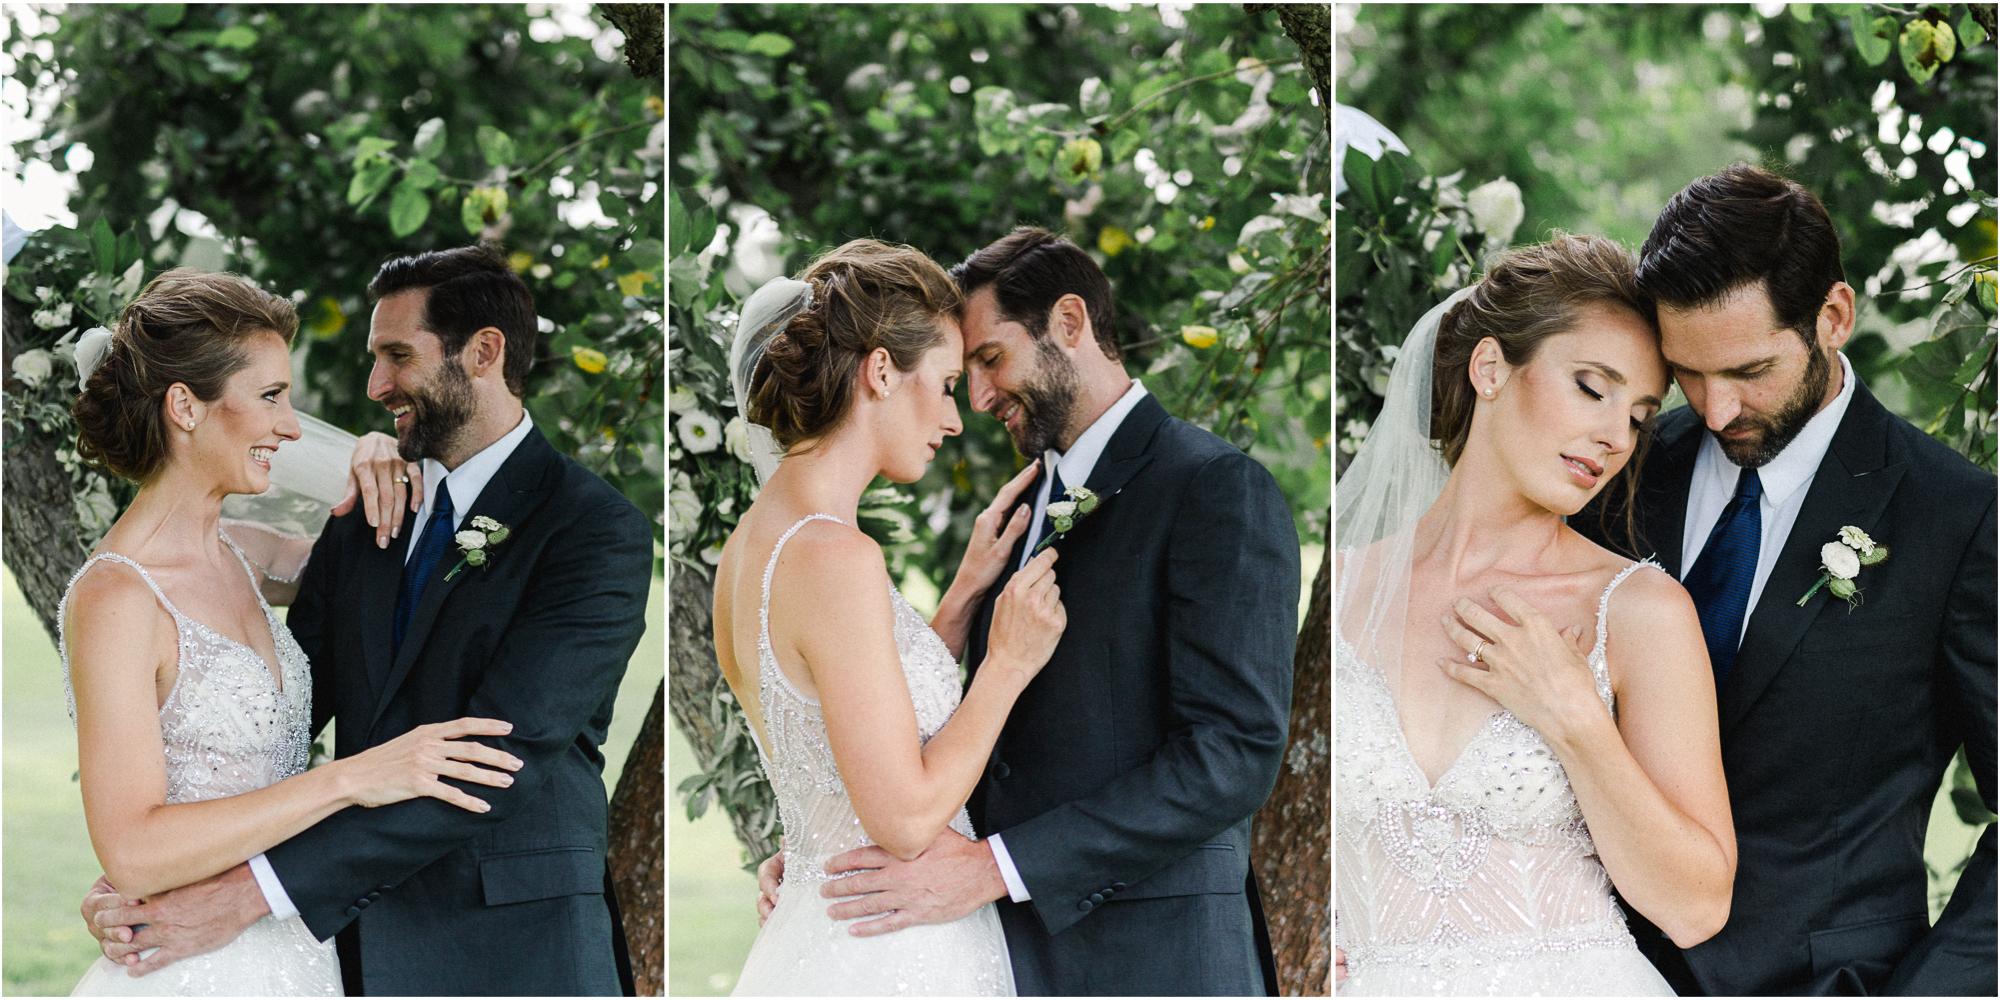 Elegant Wedding Shoot in Sharon, Massachusetts 14.jpg